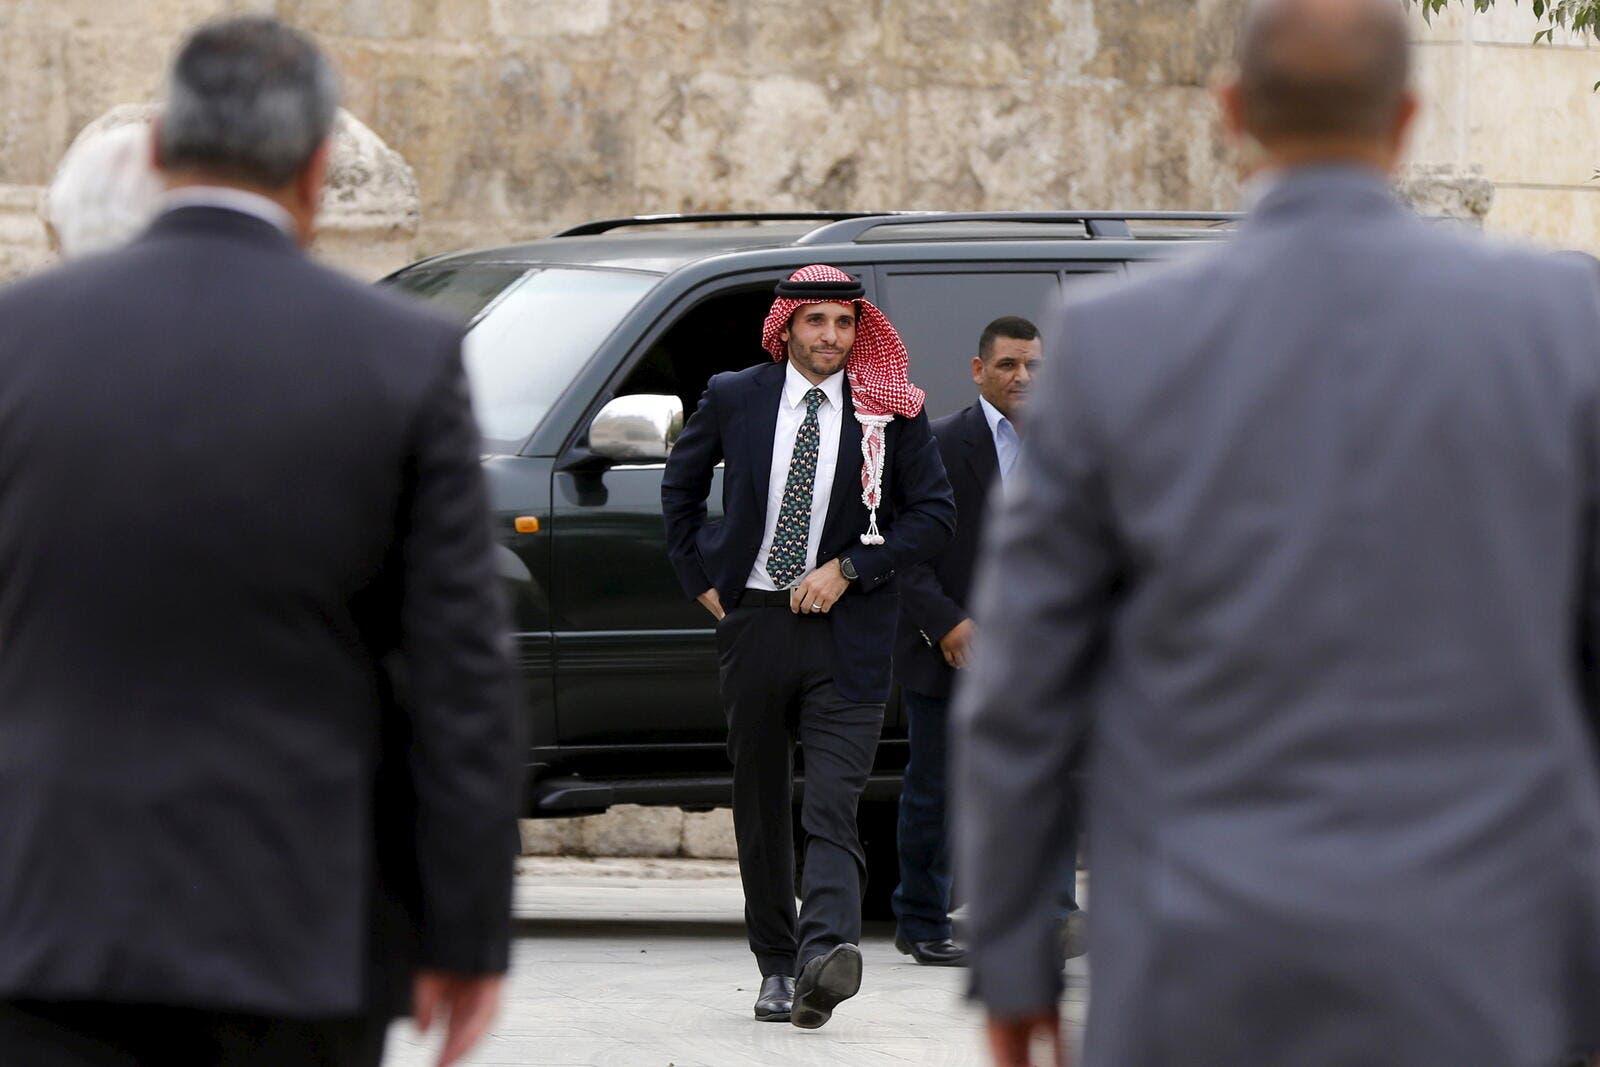 """""""أمير القلوب"""".. ليبراسيون: اتهامات ملك الأردن لأخيه ضاعفت شعبية الأمير حمزة الكبيرة أصلا"""